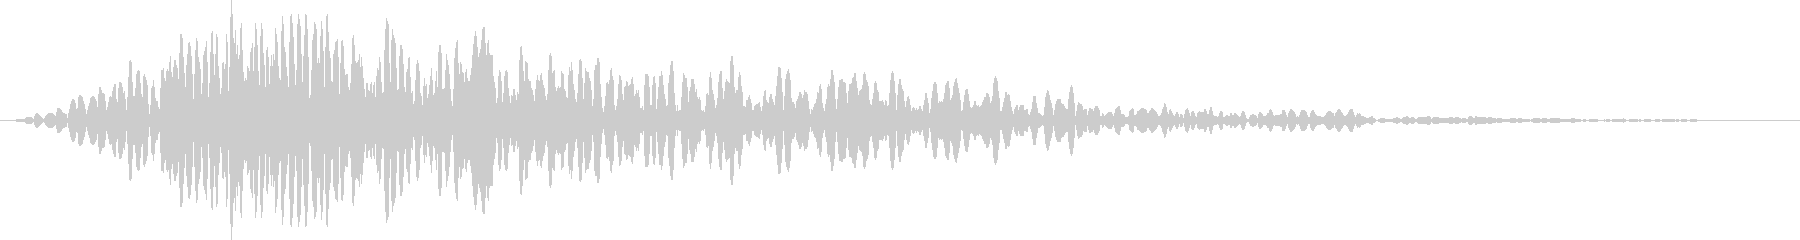 ドン(タイトル、予告等)の未再生の波形